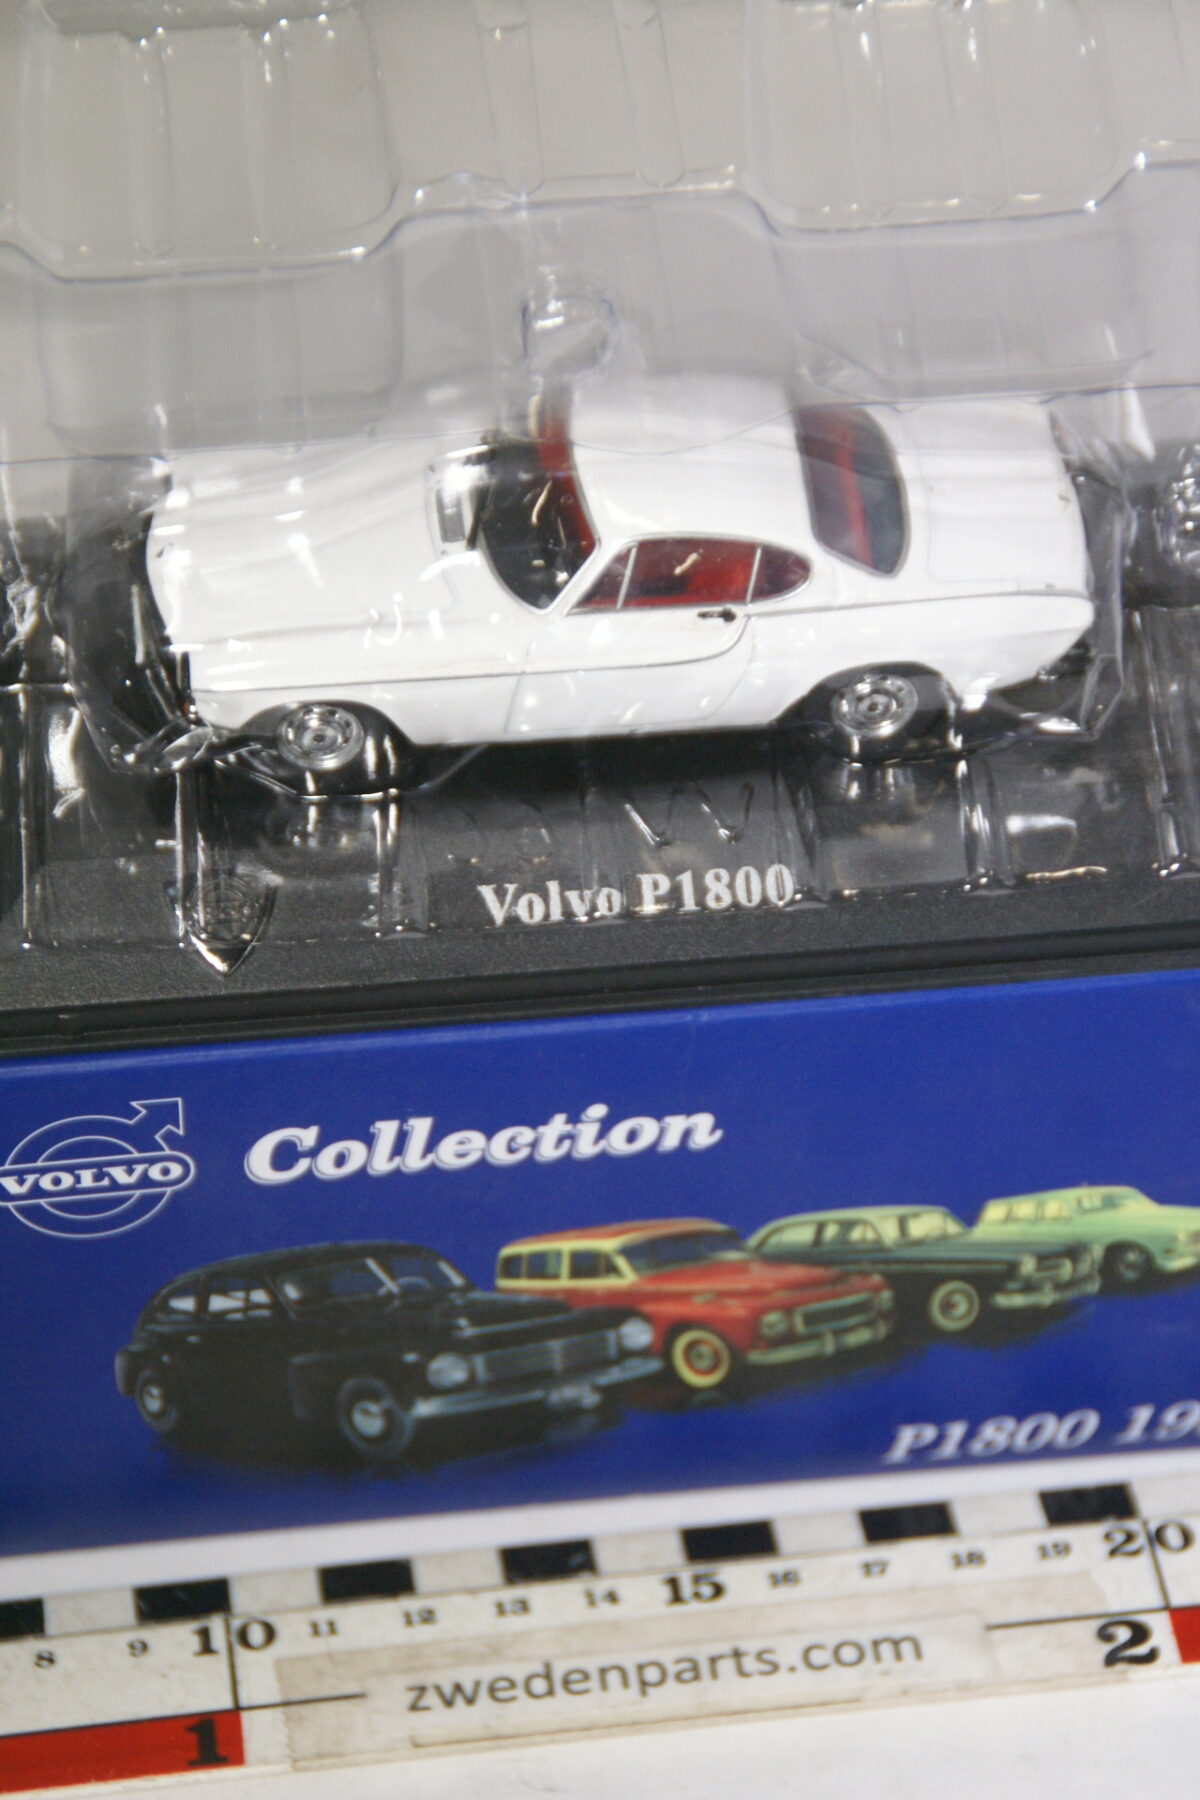 DSC00523 miniatuur 1964 Volvo P1800 wit 1op43 Atlas nieuw in originele verpakking-e2bbc44e